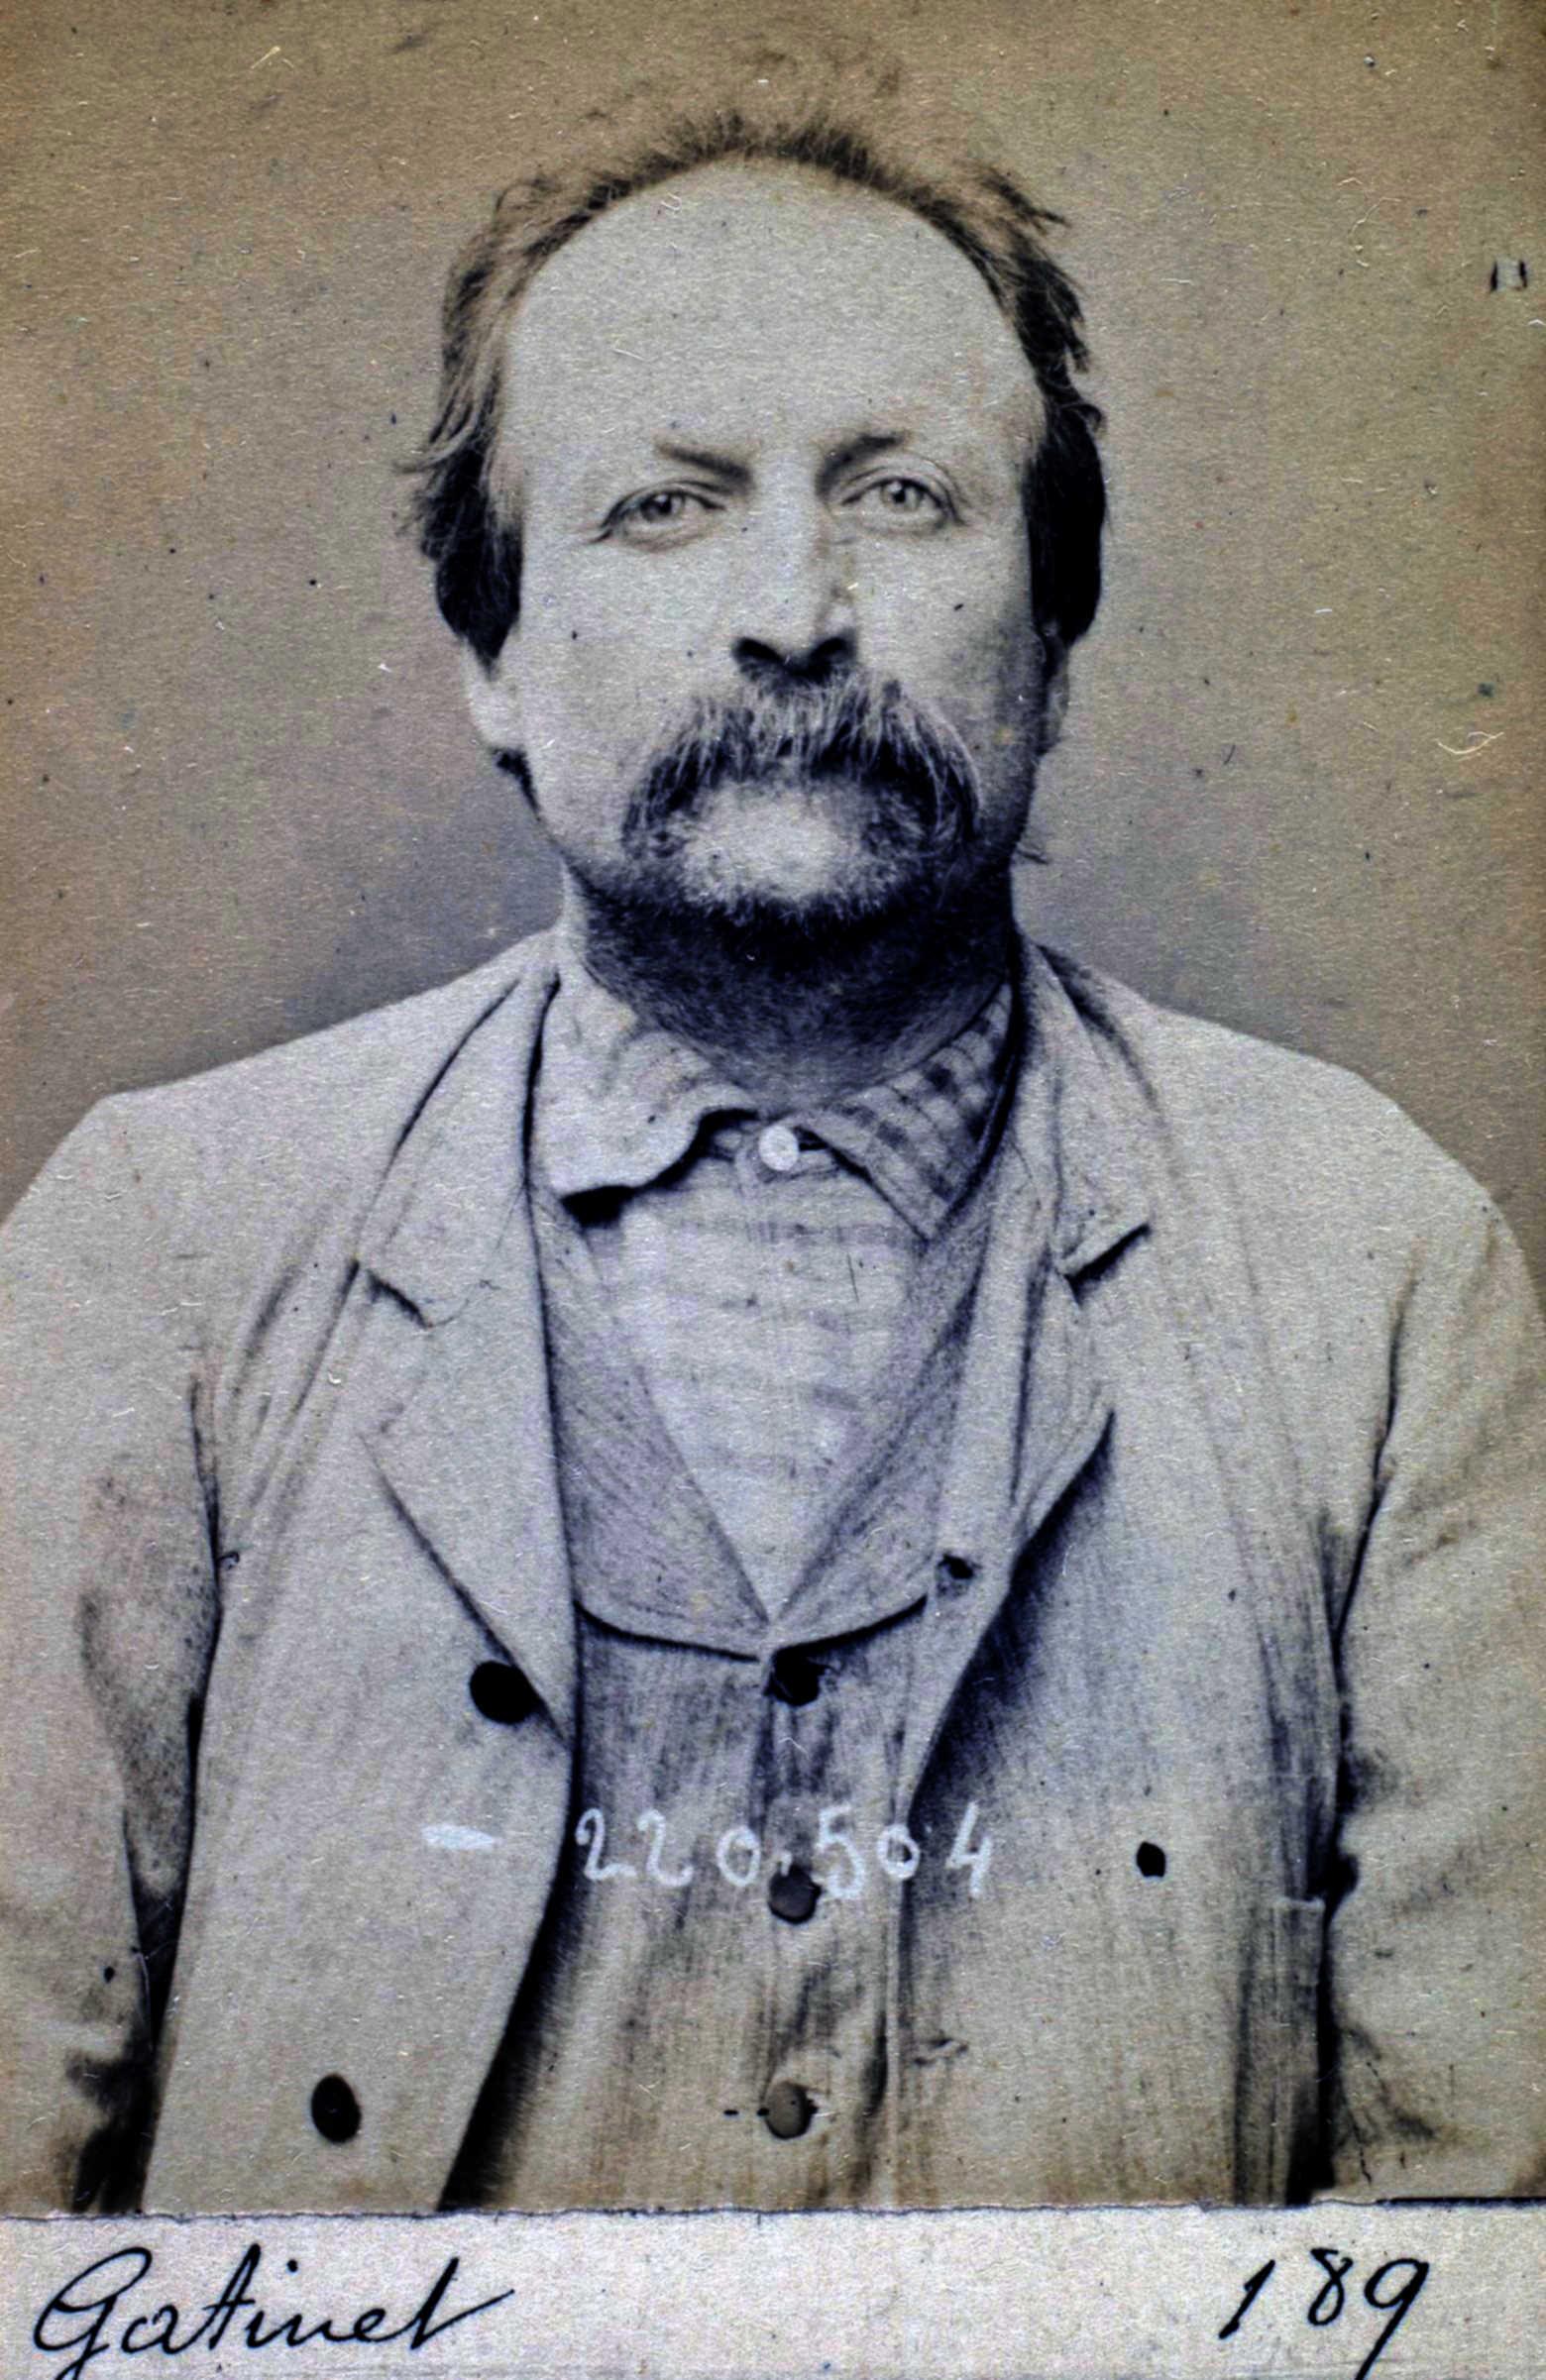 Foto policíaca de Pierre Gatinet (2 de juliol de 1894)